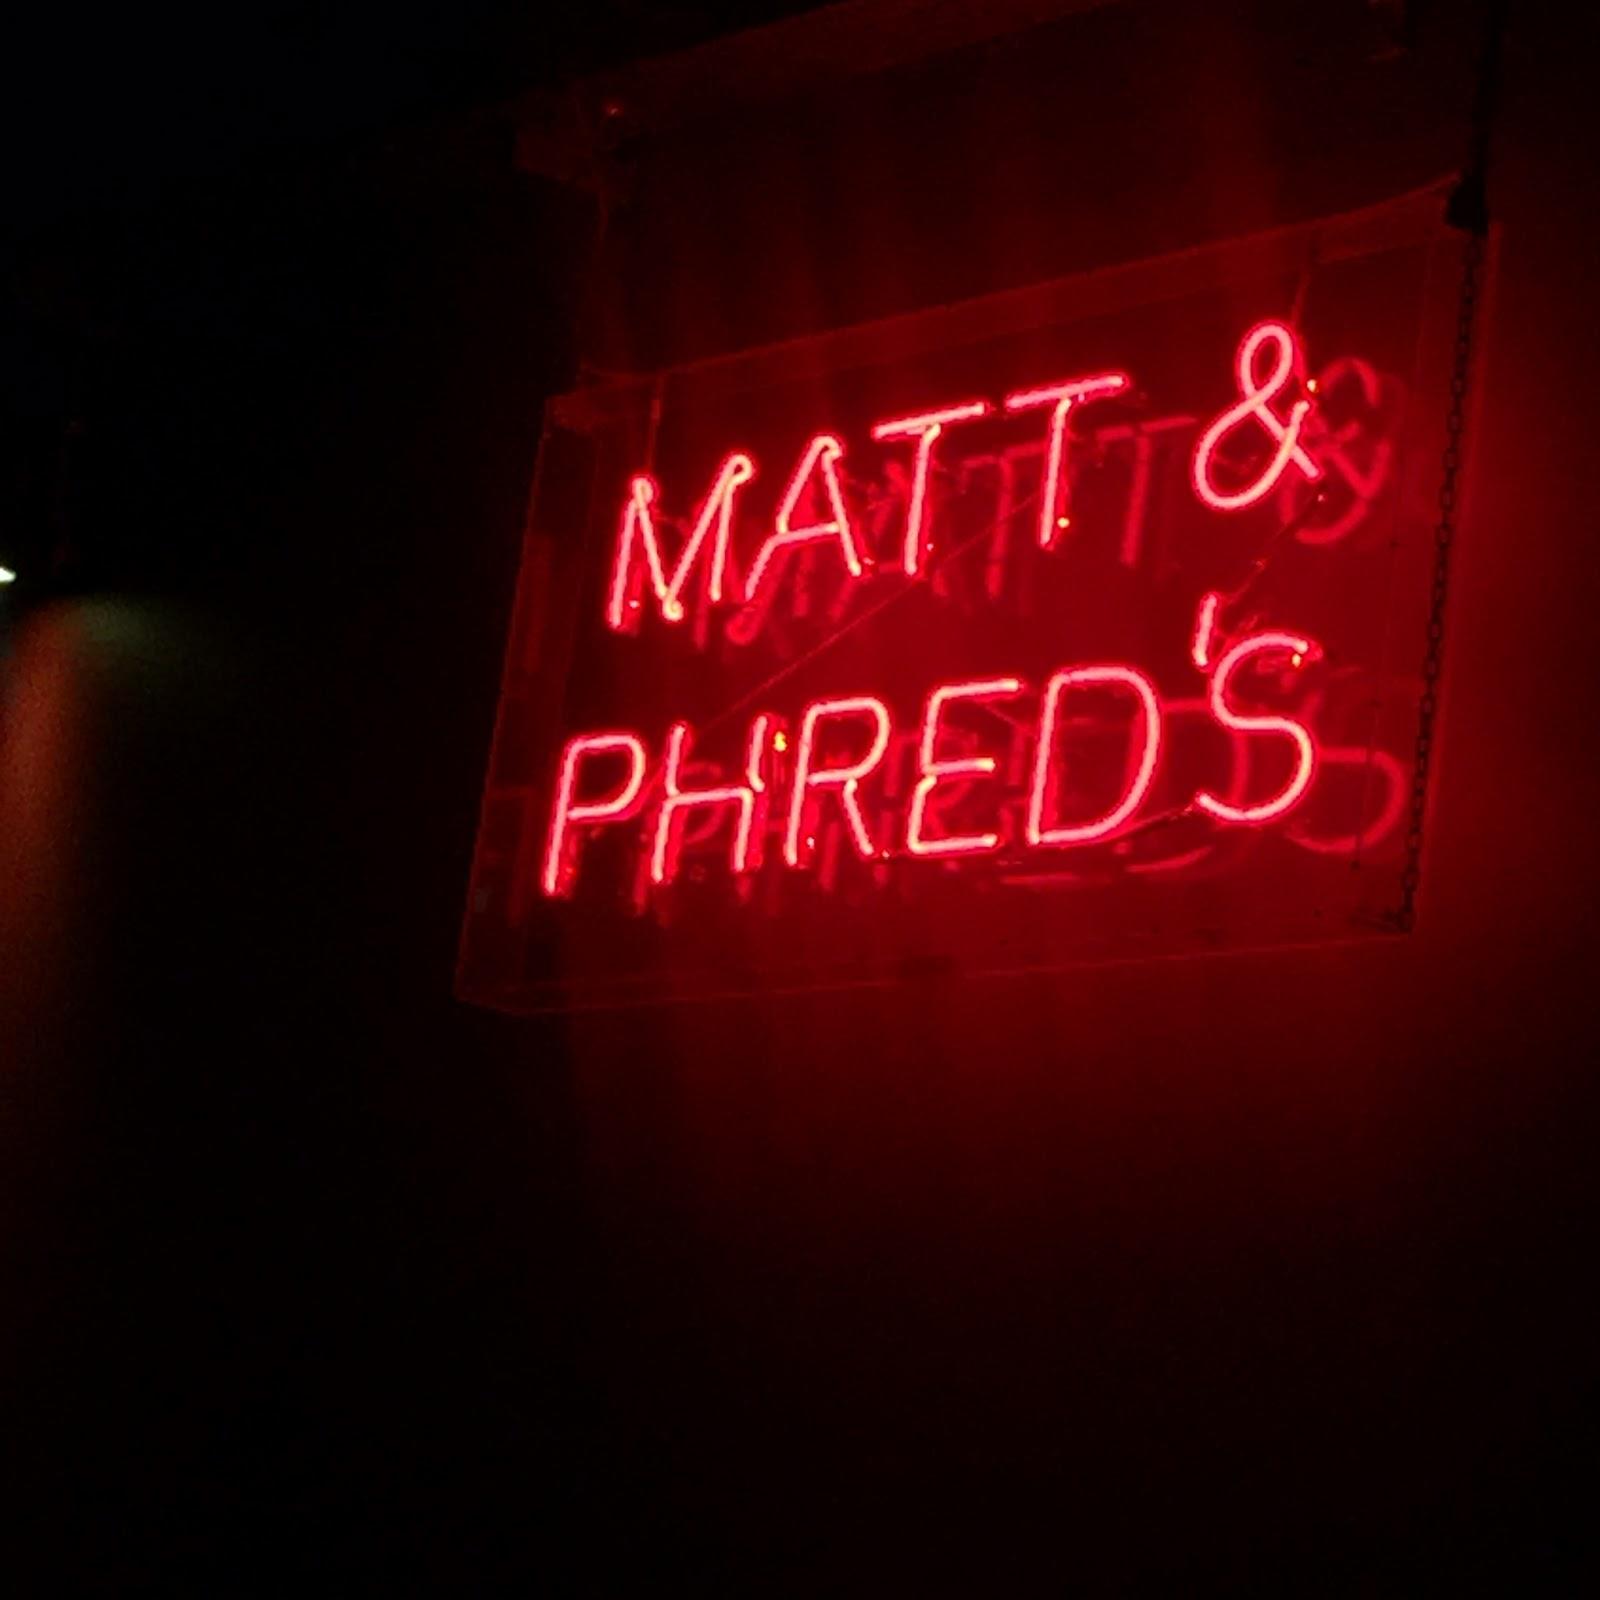 Matt & Phred's